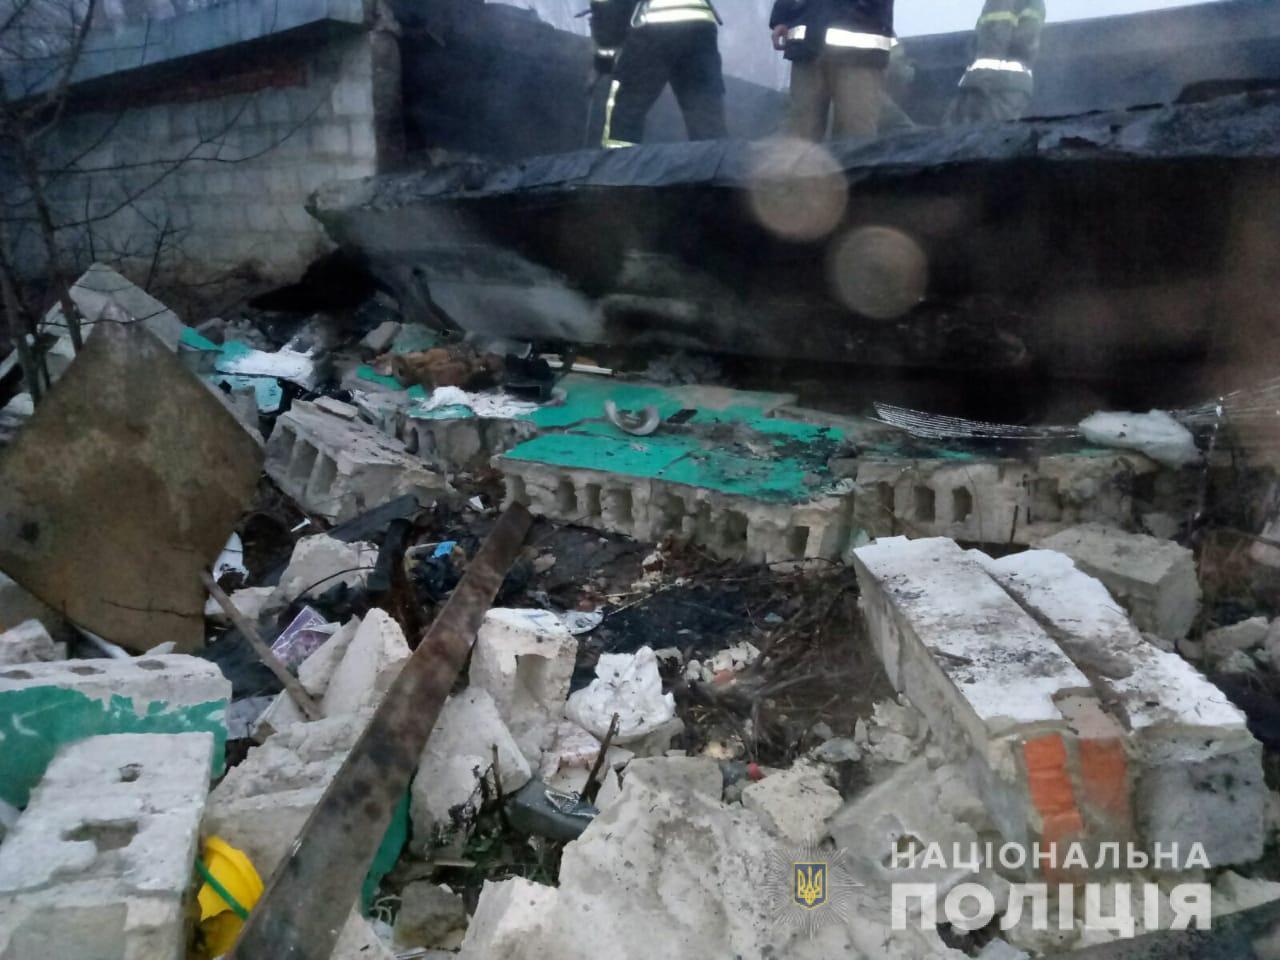 В Индустриальном районе прогремел мощный взрыв – погибли три человека (фото)